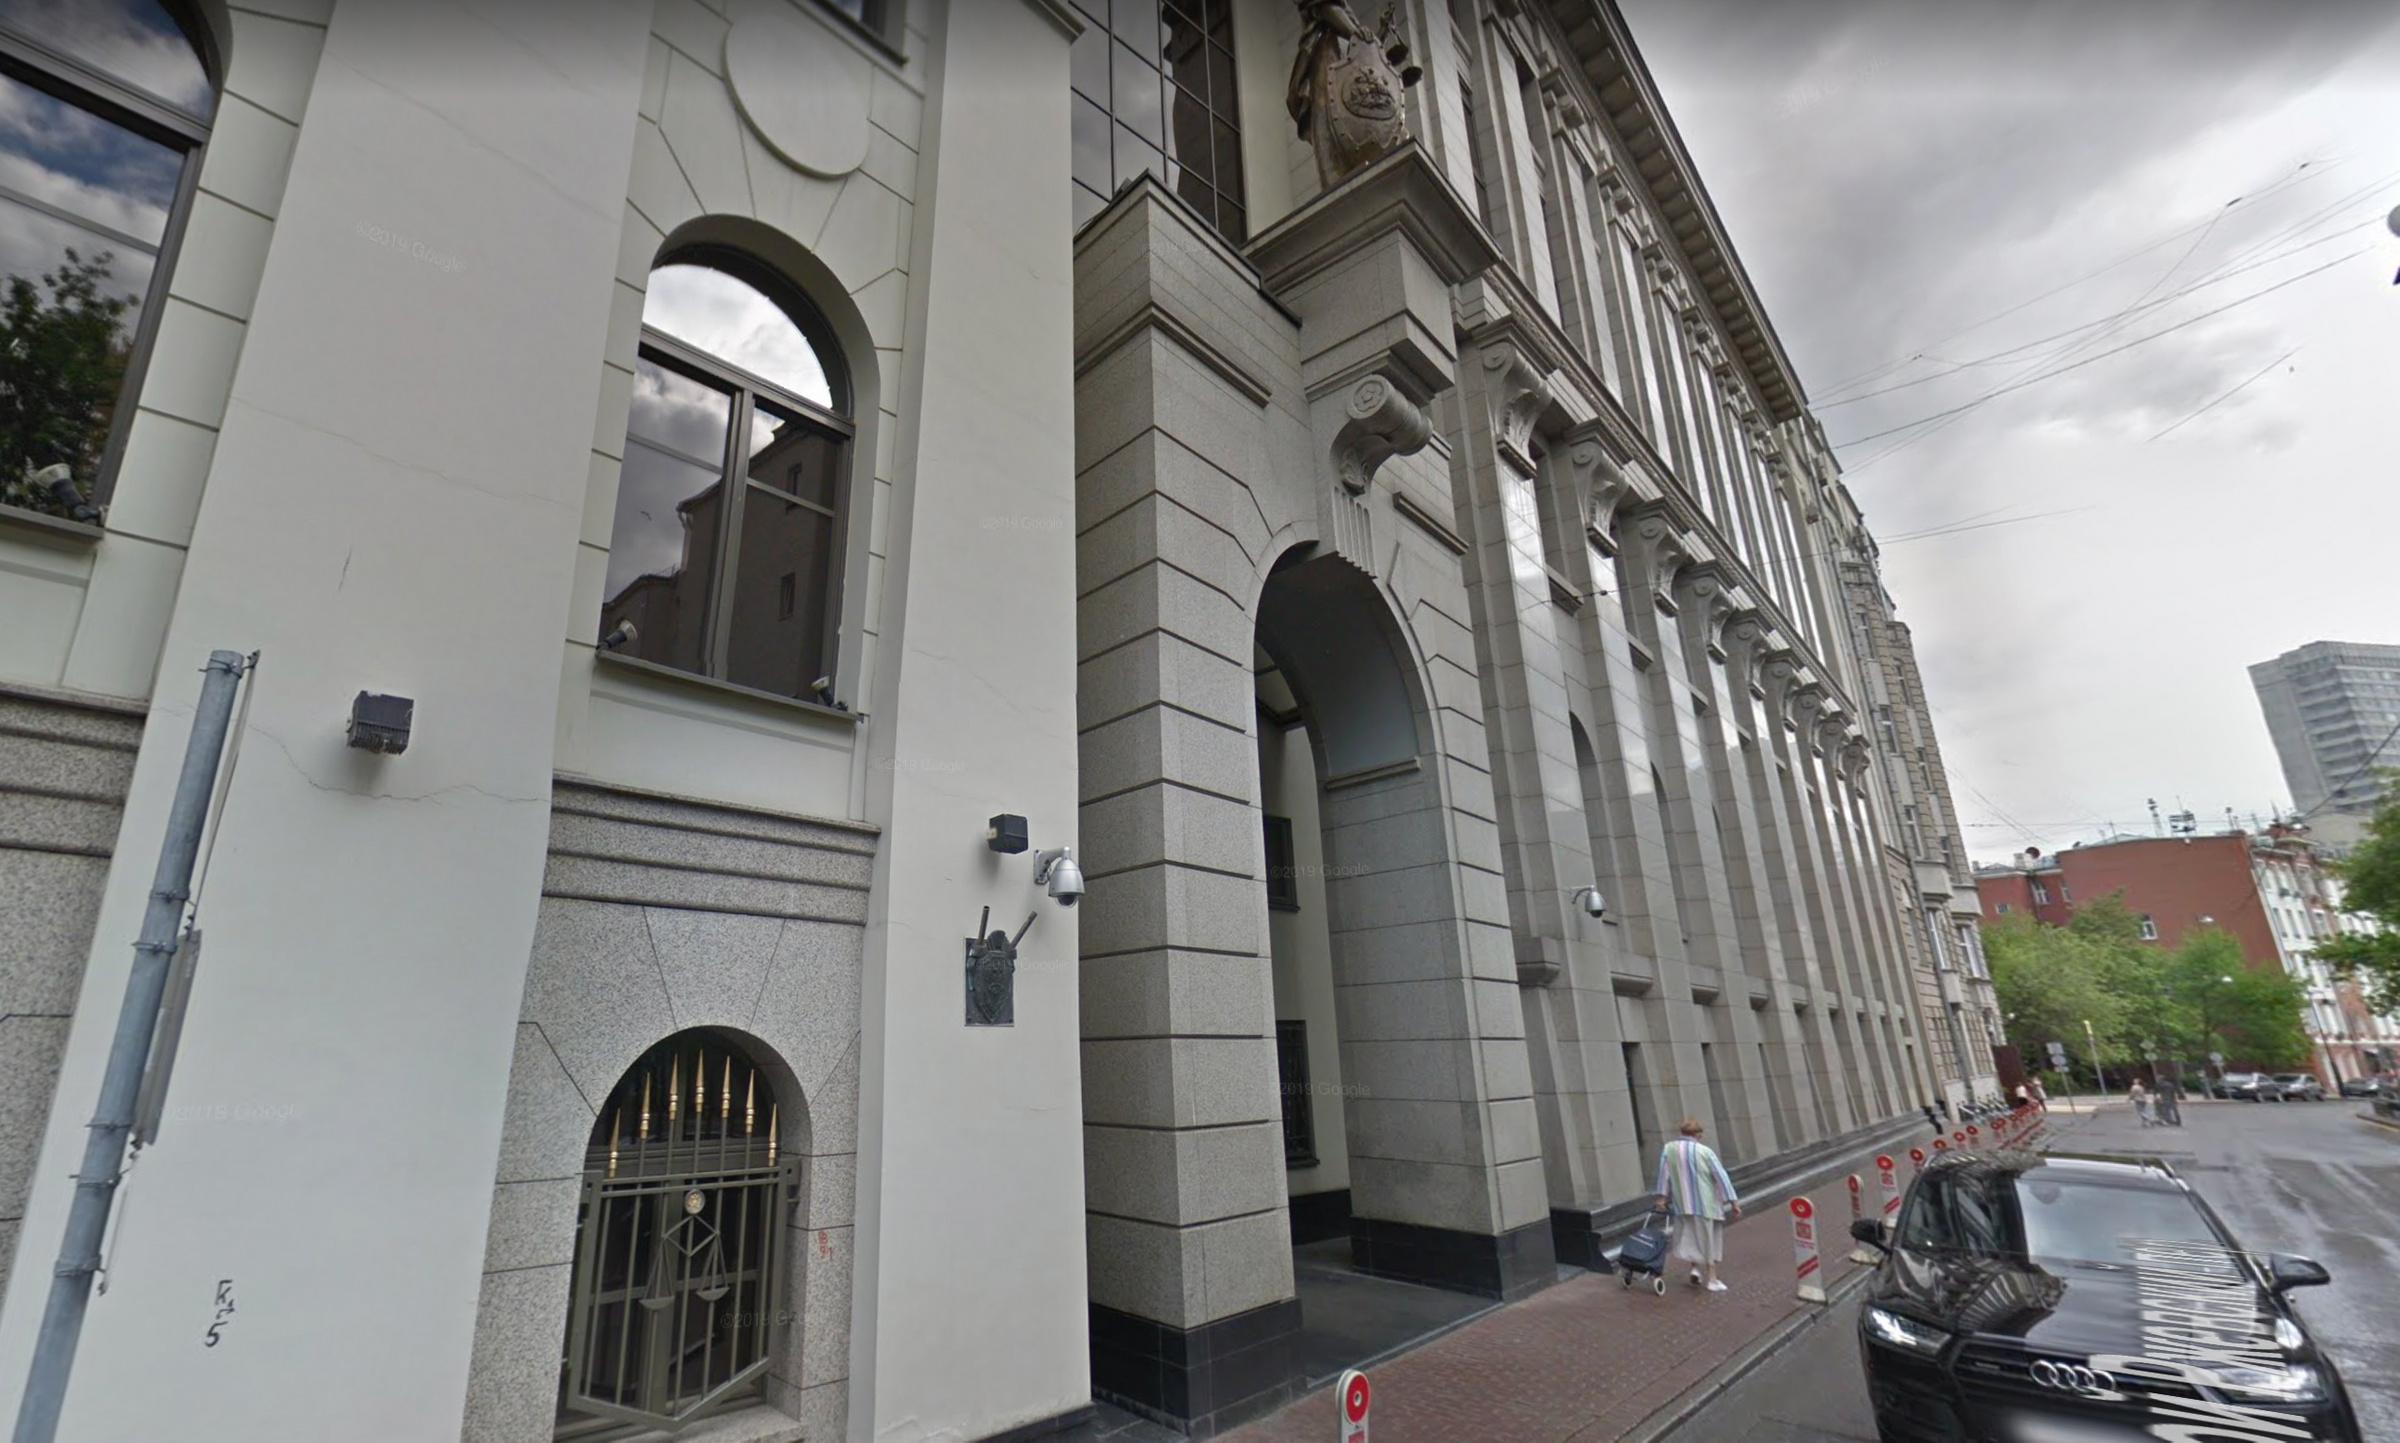 Тело Аллы Пронькиной нашли возле Верховного суда. Фото ©google maps